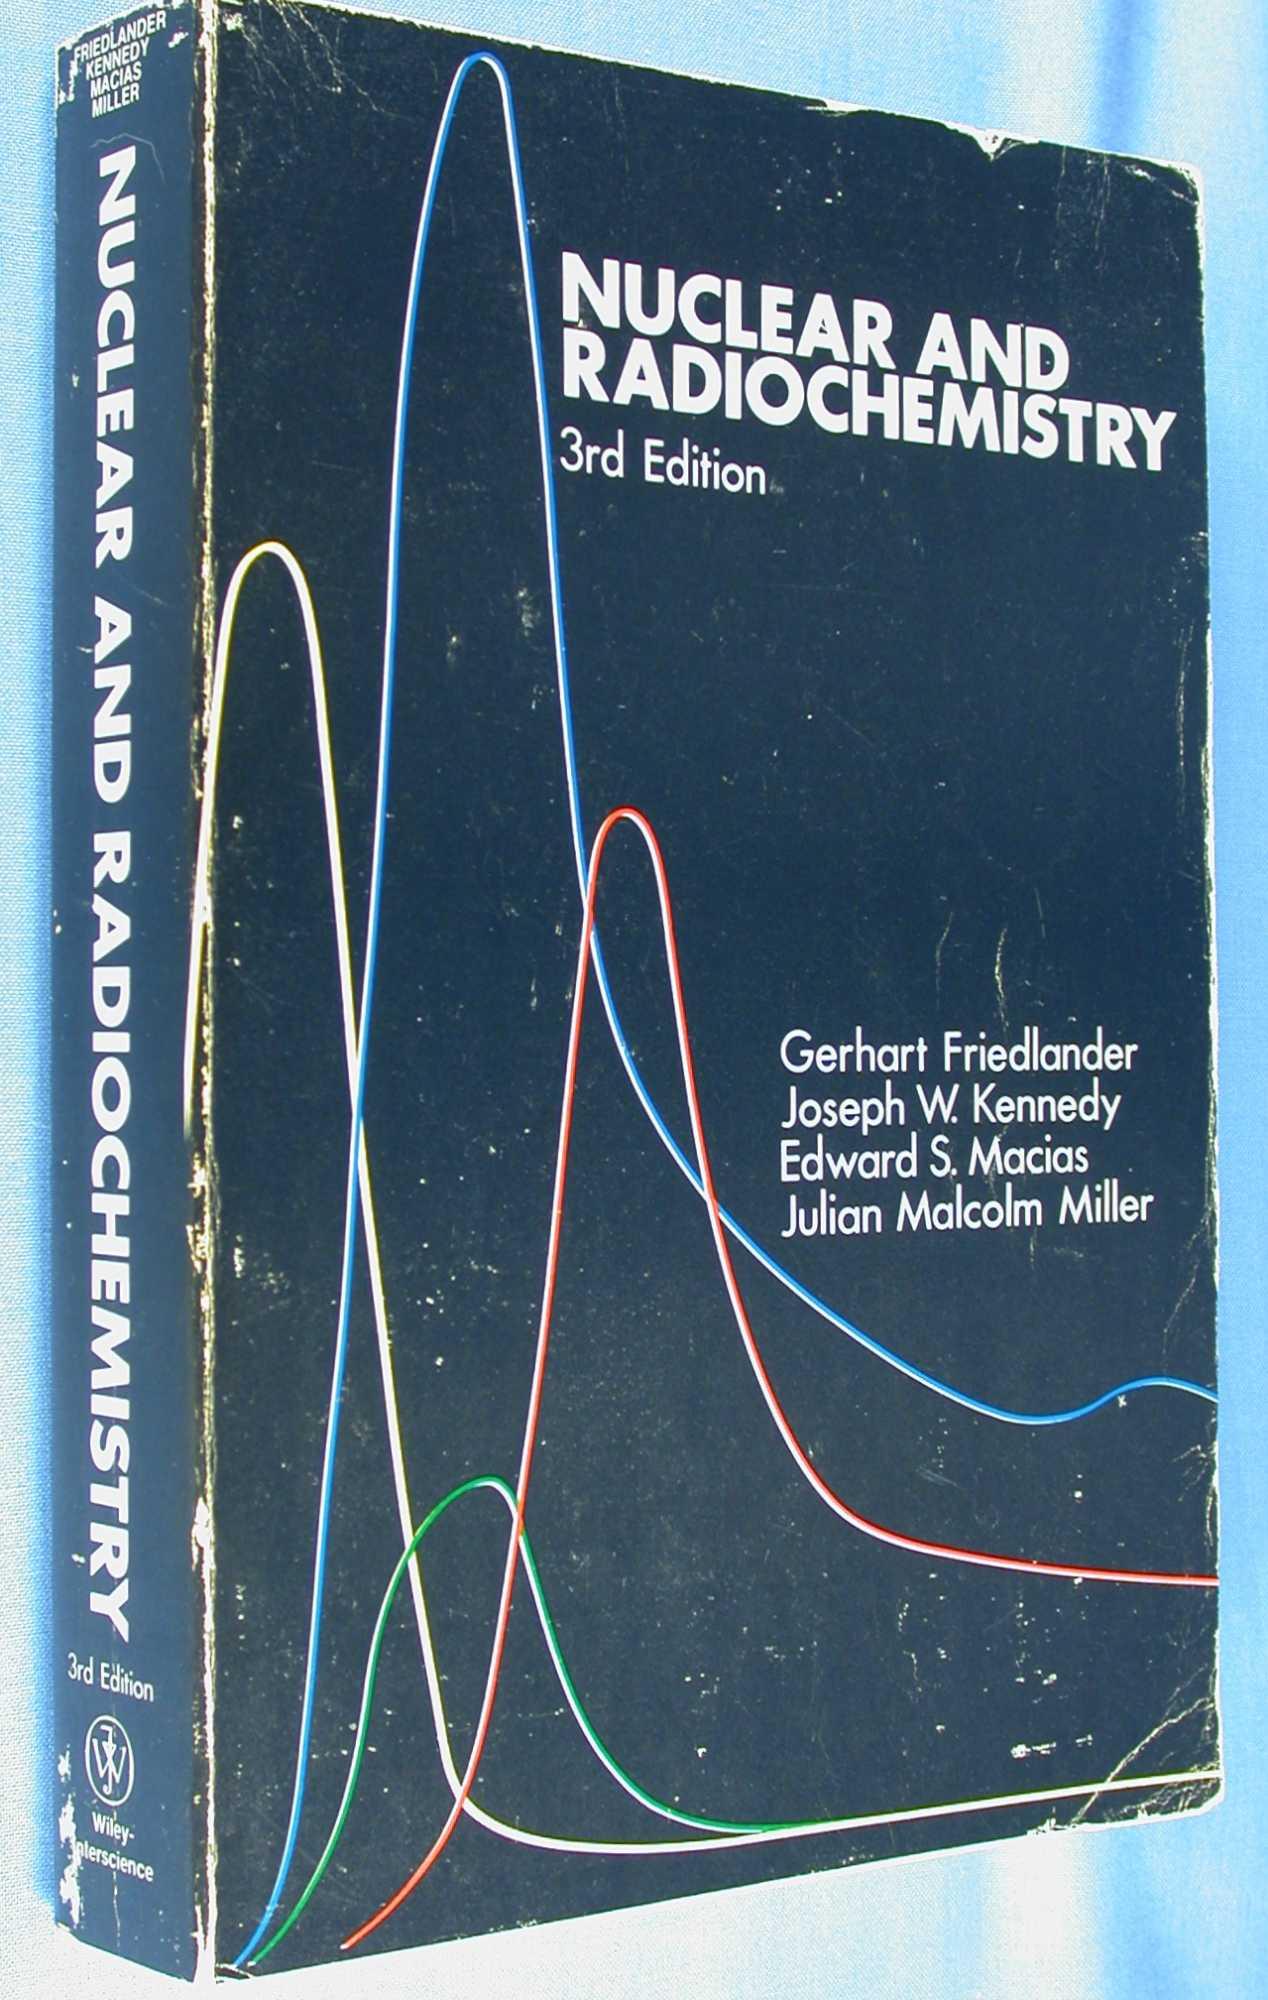 Nuclear and Radiochemistry (Third Edition), Friedlander, Gerhart; Joseph W. Kennedy, Edward S. Macias, andJulian Malcolm Miller